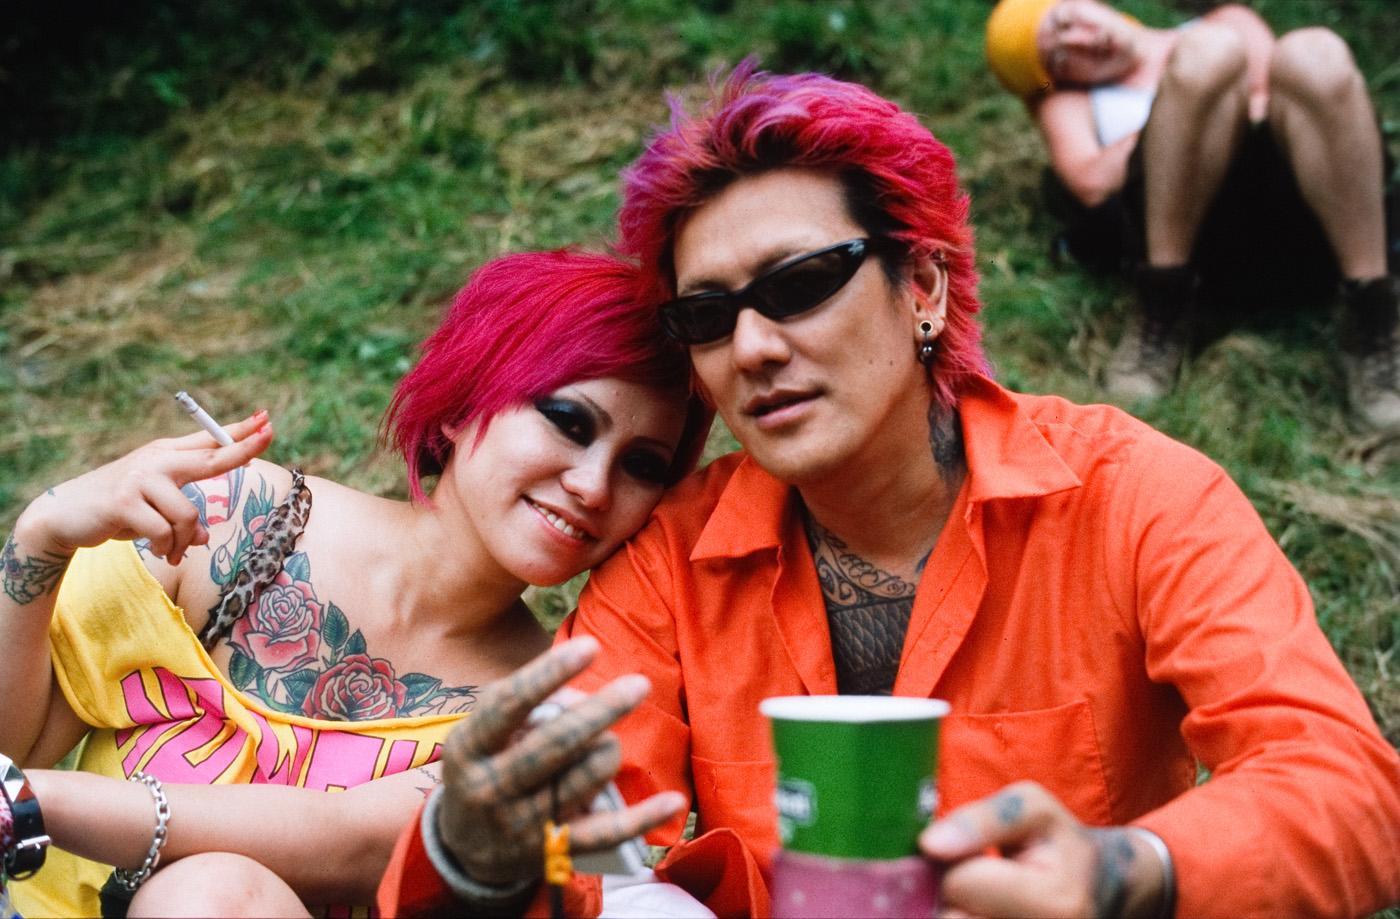 Un couple de Japonais au Fuji Rock Festival de 2009. (photo CC Kevin Utting)